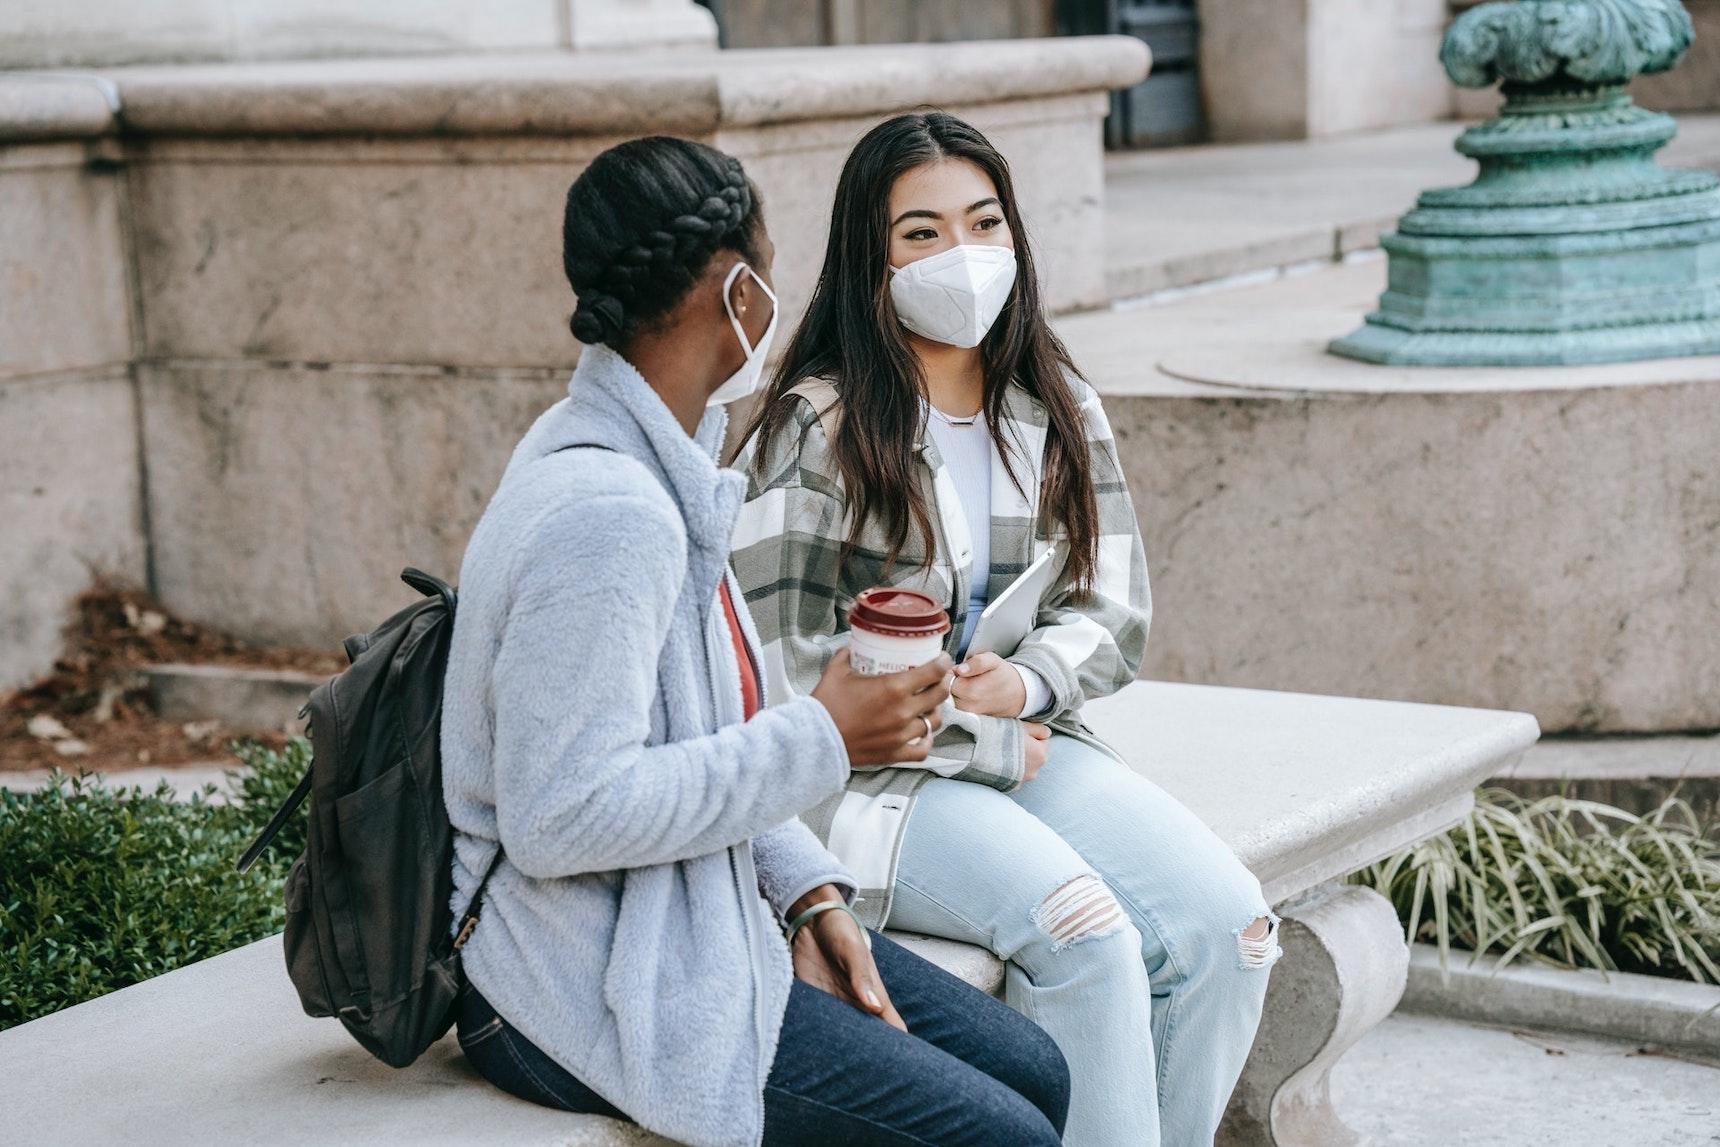 Zwei Studentinnen mit Mund-Nasen-Schutz unterhalten sich auf einer Steinbank am Campus einer Universität